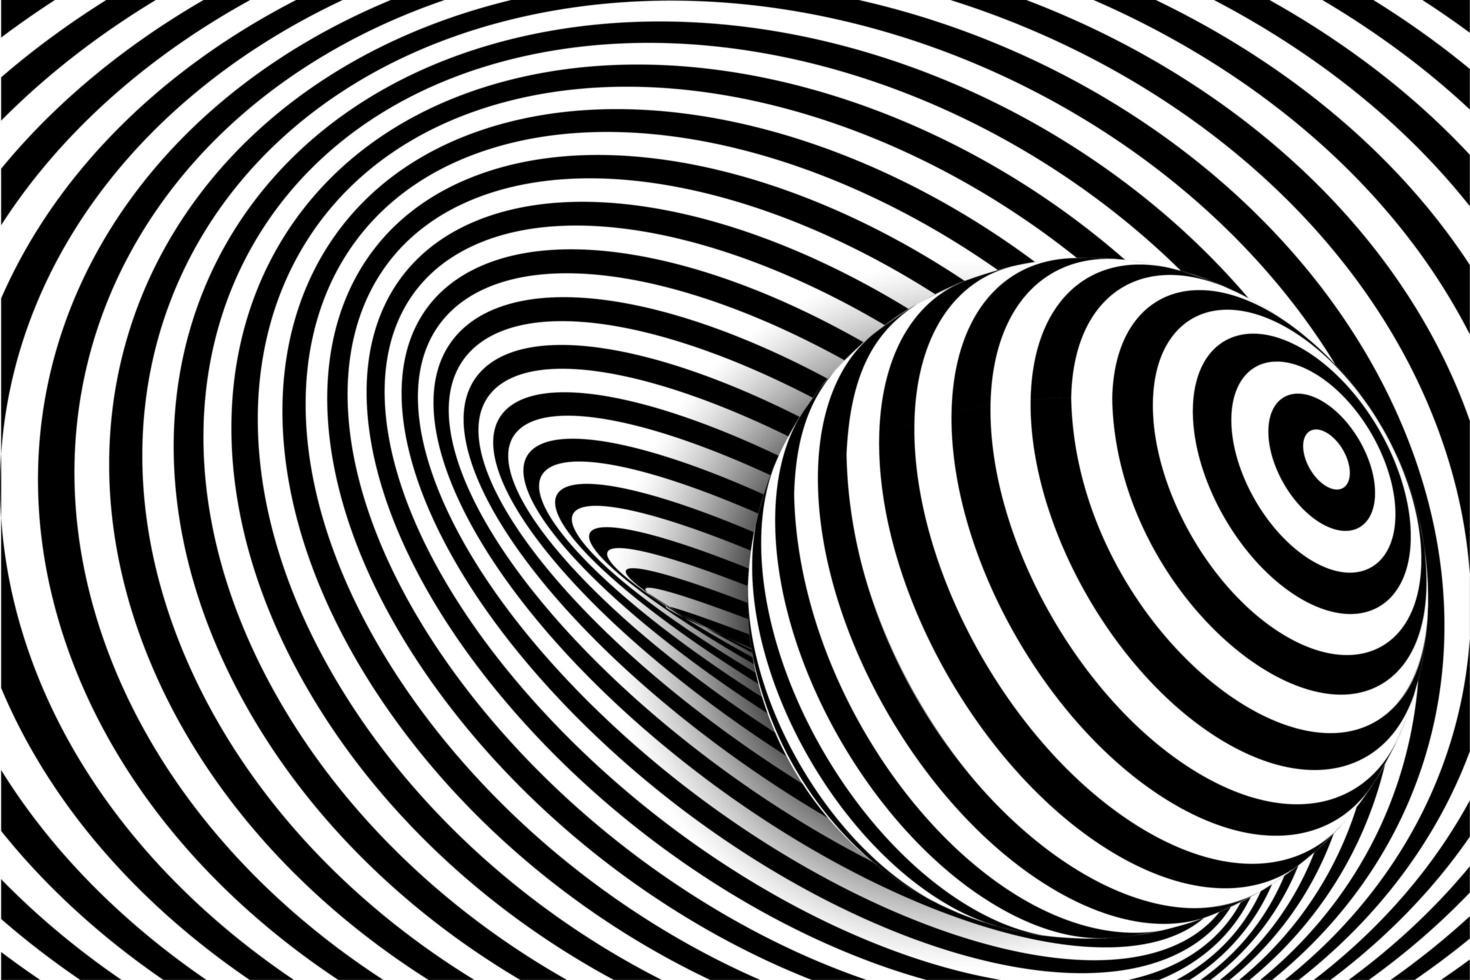 Schwarz-Weiß-3D-Linienverzerrung, Ballillusion vektor